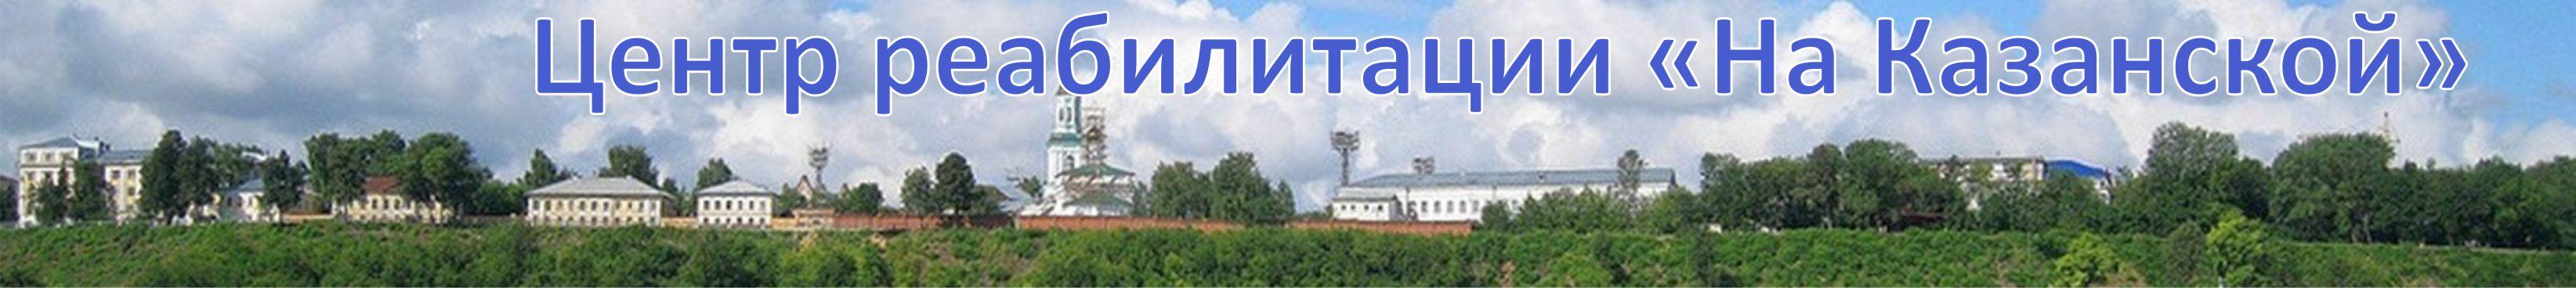 «Центр реабилитации «На Казанской»